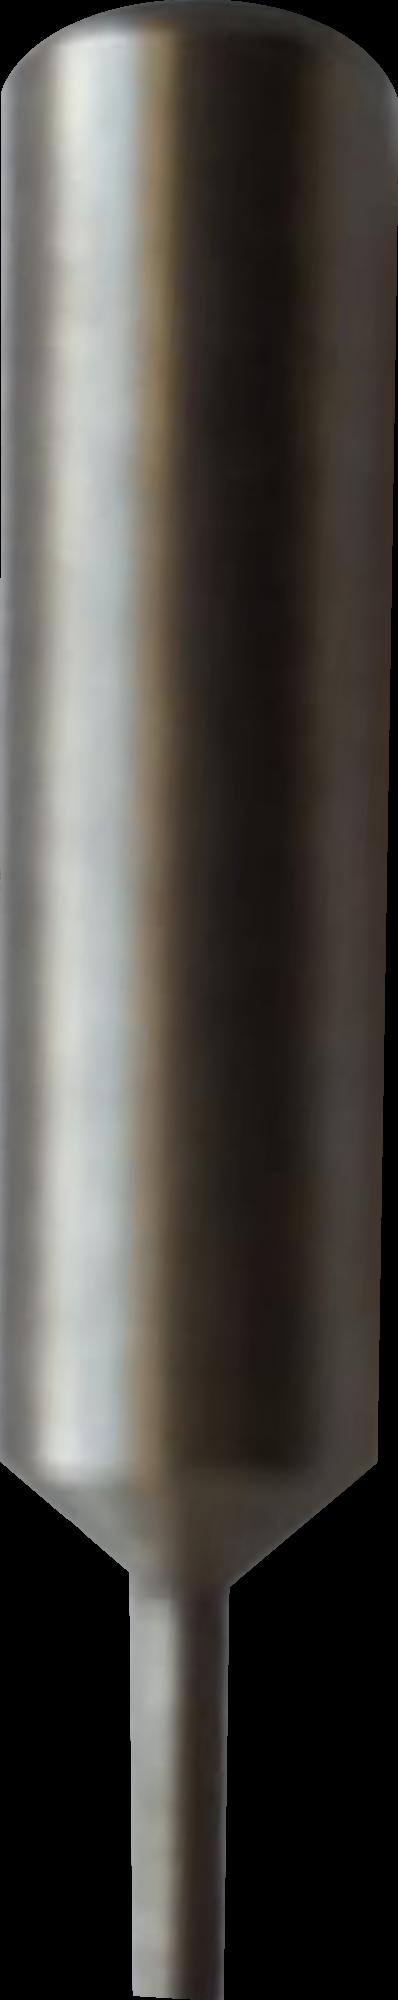 Guia P/ Máquina Viper Silca 1,0 X 4,0 X 20MM Haste 4,0 - 70471